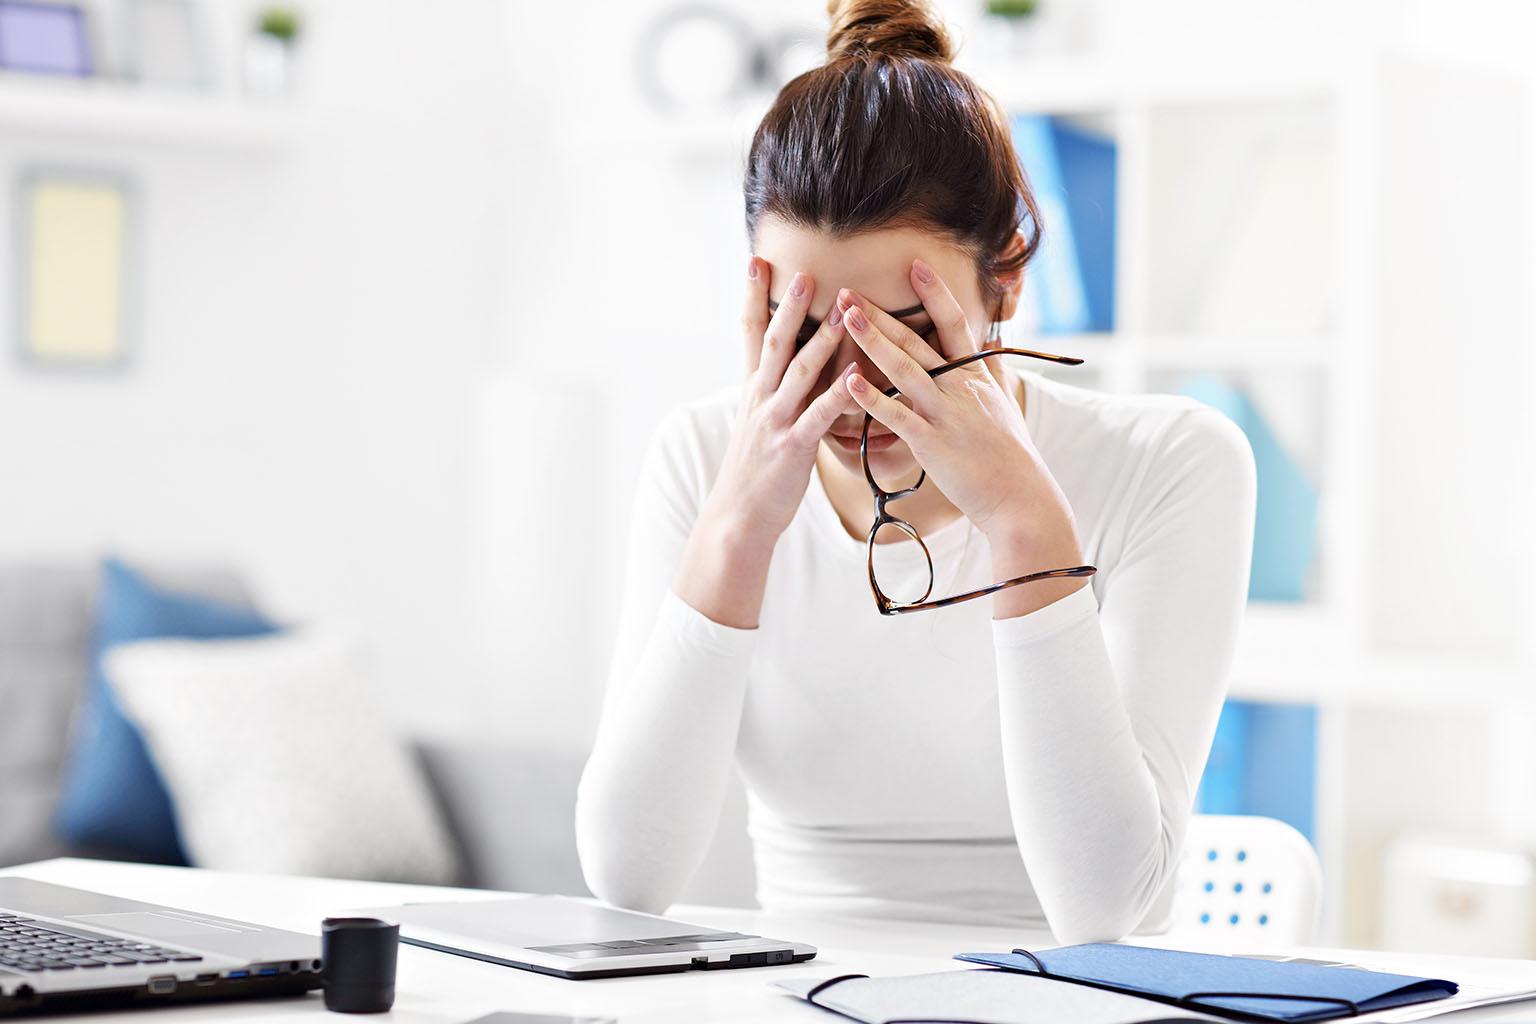 Jak stres wpływa na organizm? Jak radzić sobie ze stresem? Kobieta skrywa głowę w dłoniach z powodu stresu w pracy.